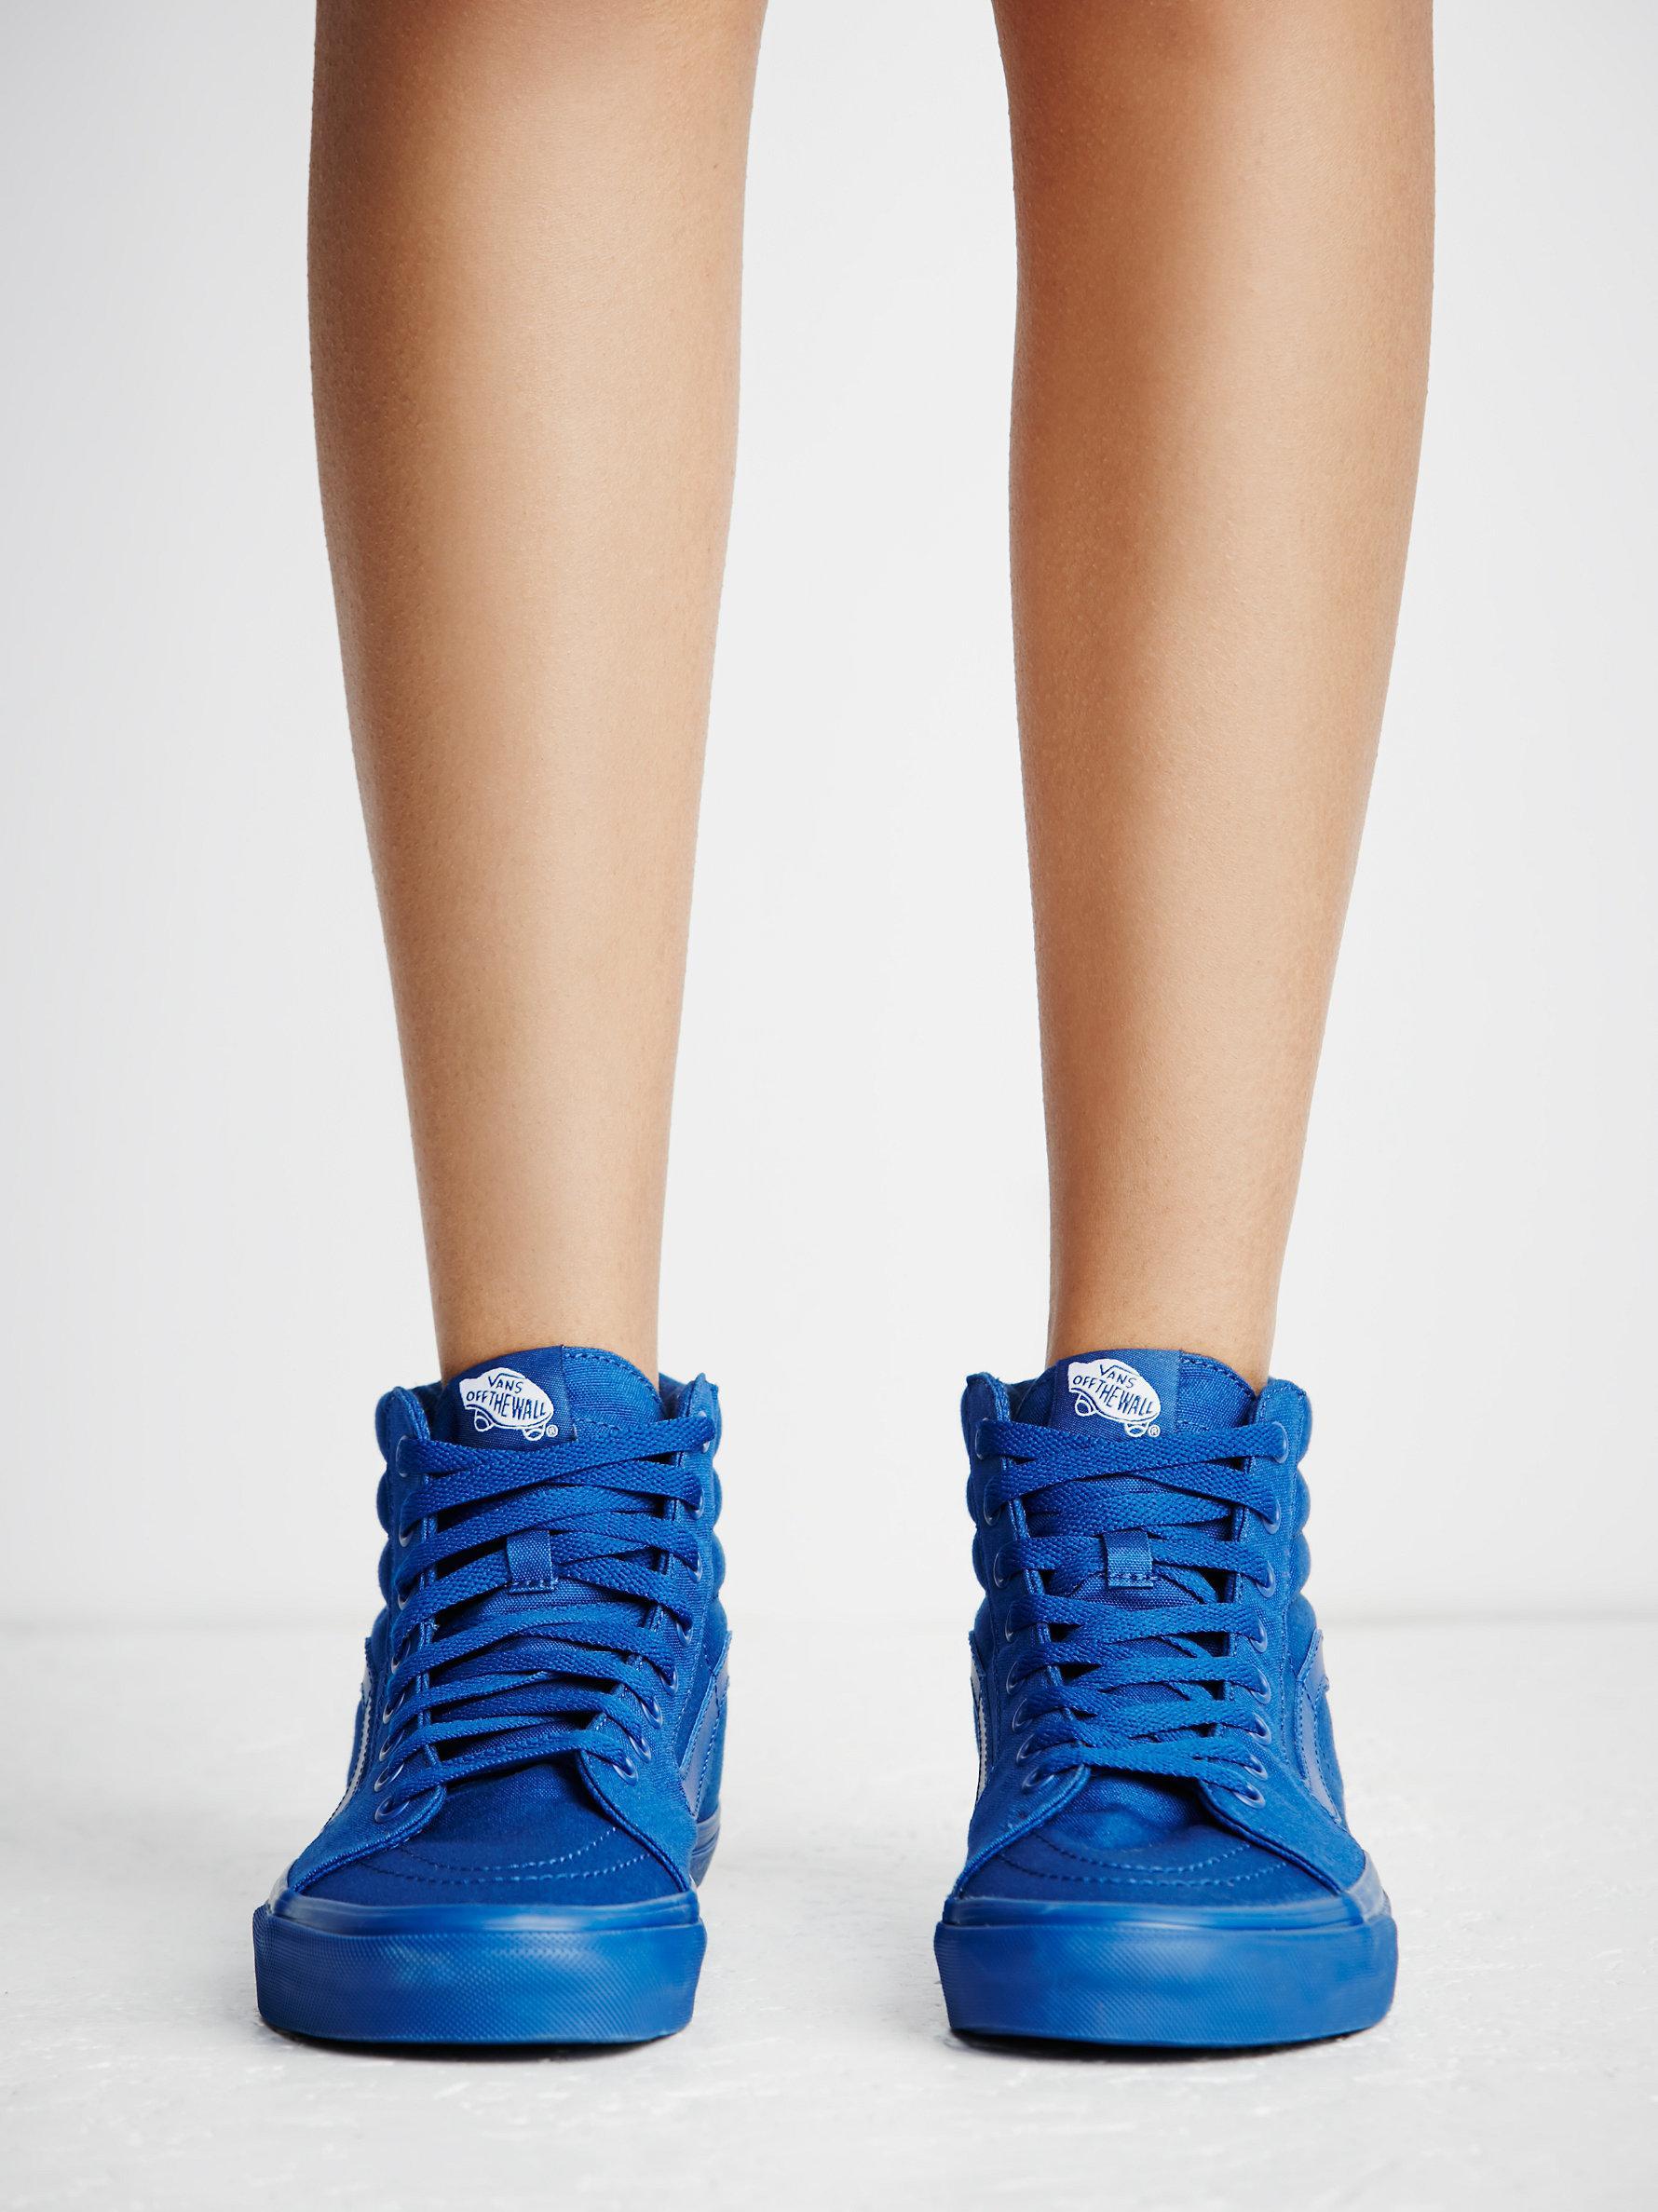 Lyst - Free People Sk8-hi Mono Canvas Sneaker in Blue 76c486d10